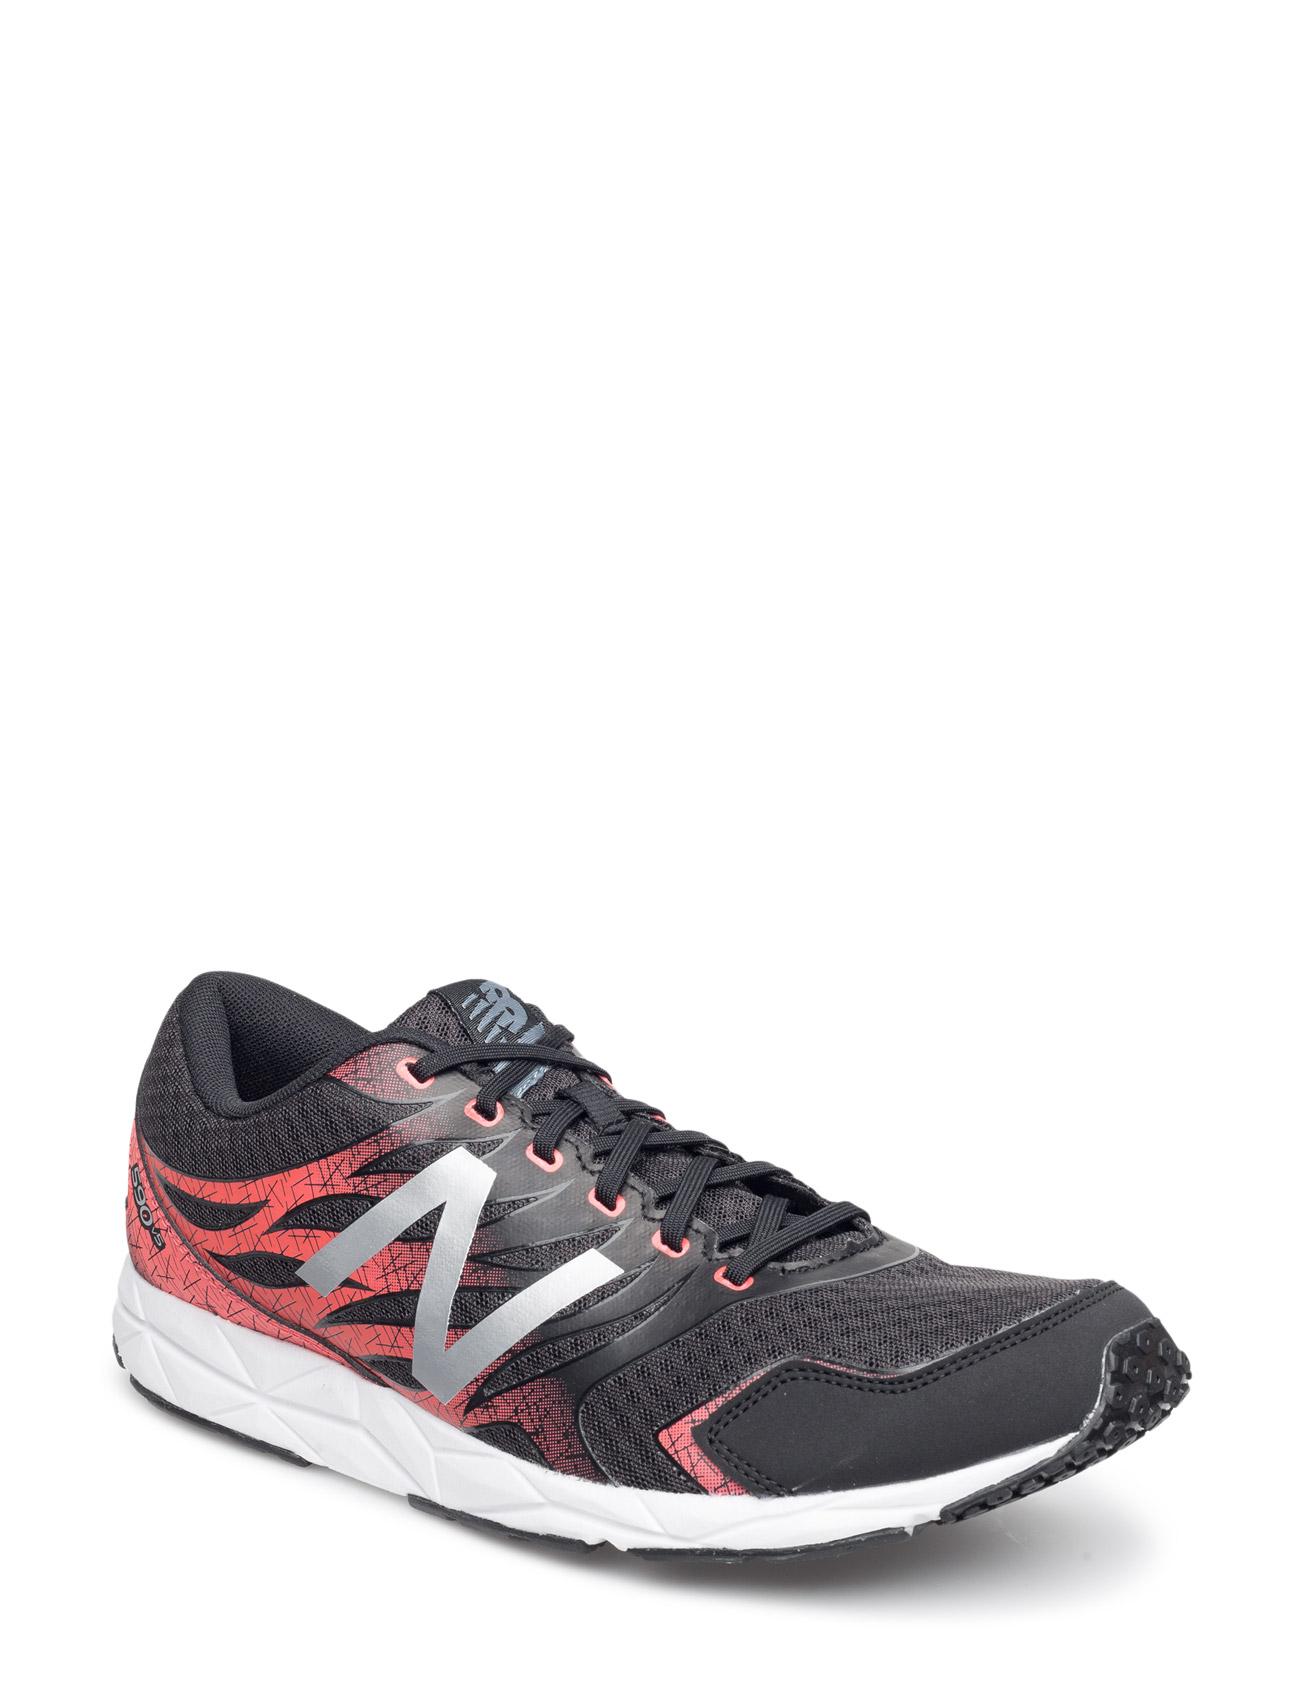 M590 New Balance Sneakers til Mænd i Sort